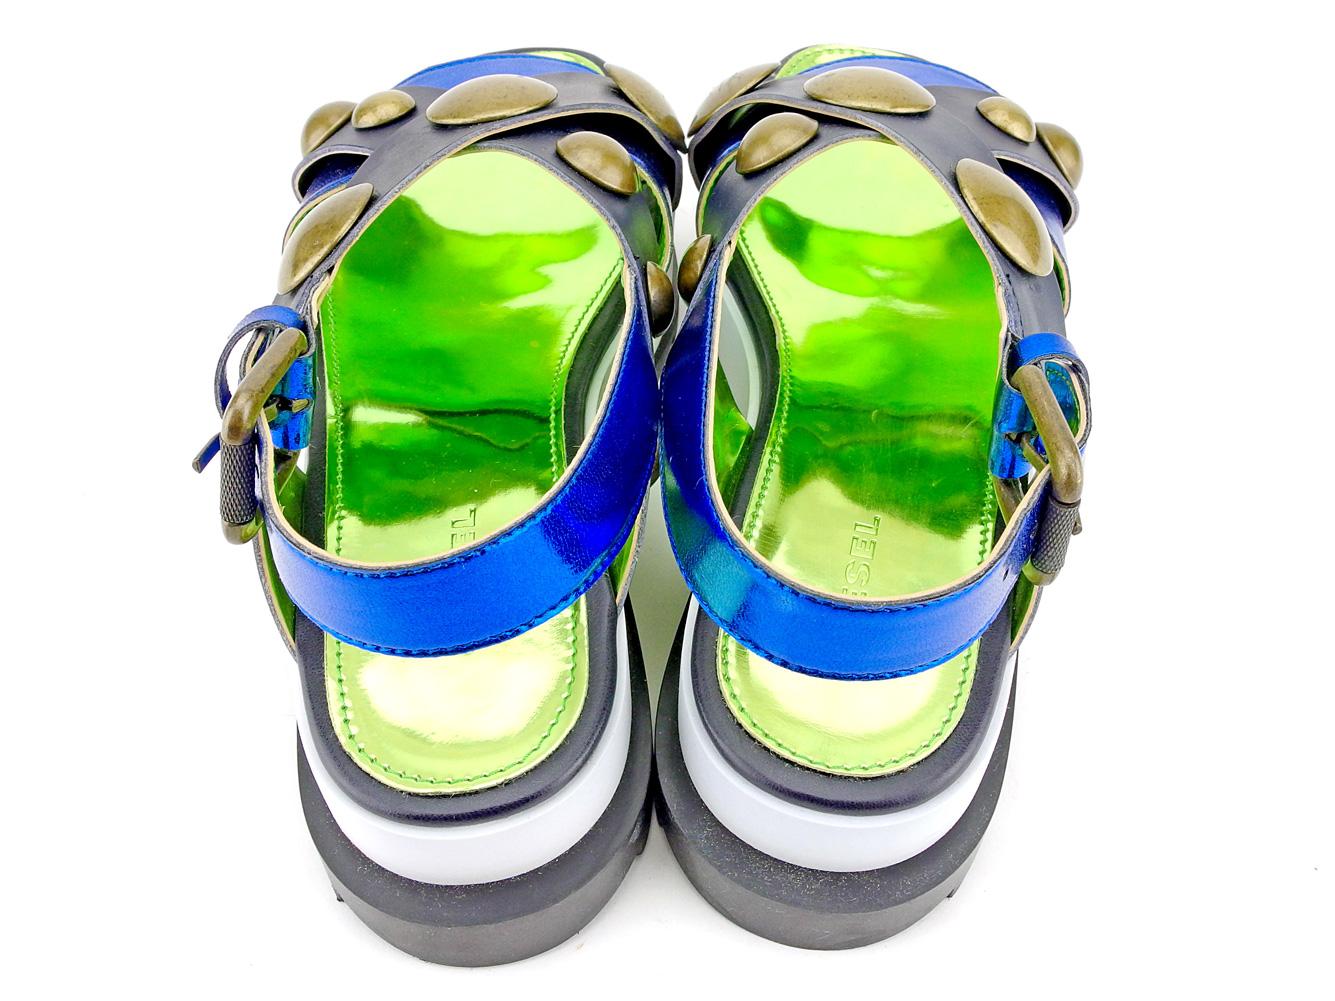 【中古】 ディーゼル DIESEL サンダル シューズ 靴 レディース ♯37 プラットフォーム スタッズ ネイビー ブルー ホワイト 白系 レザー×エナメルレザー T9349 .